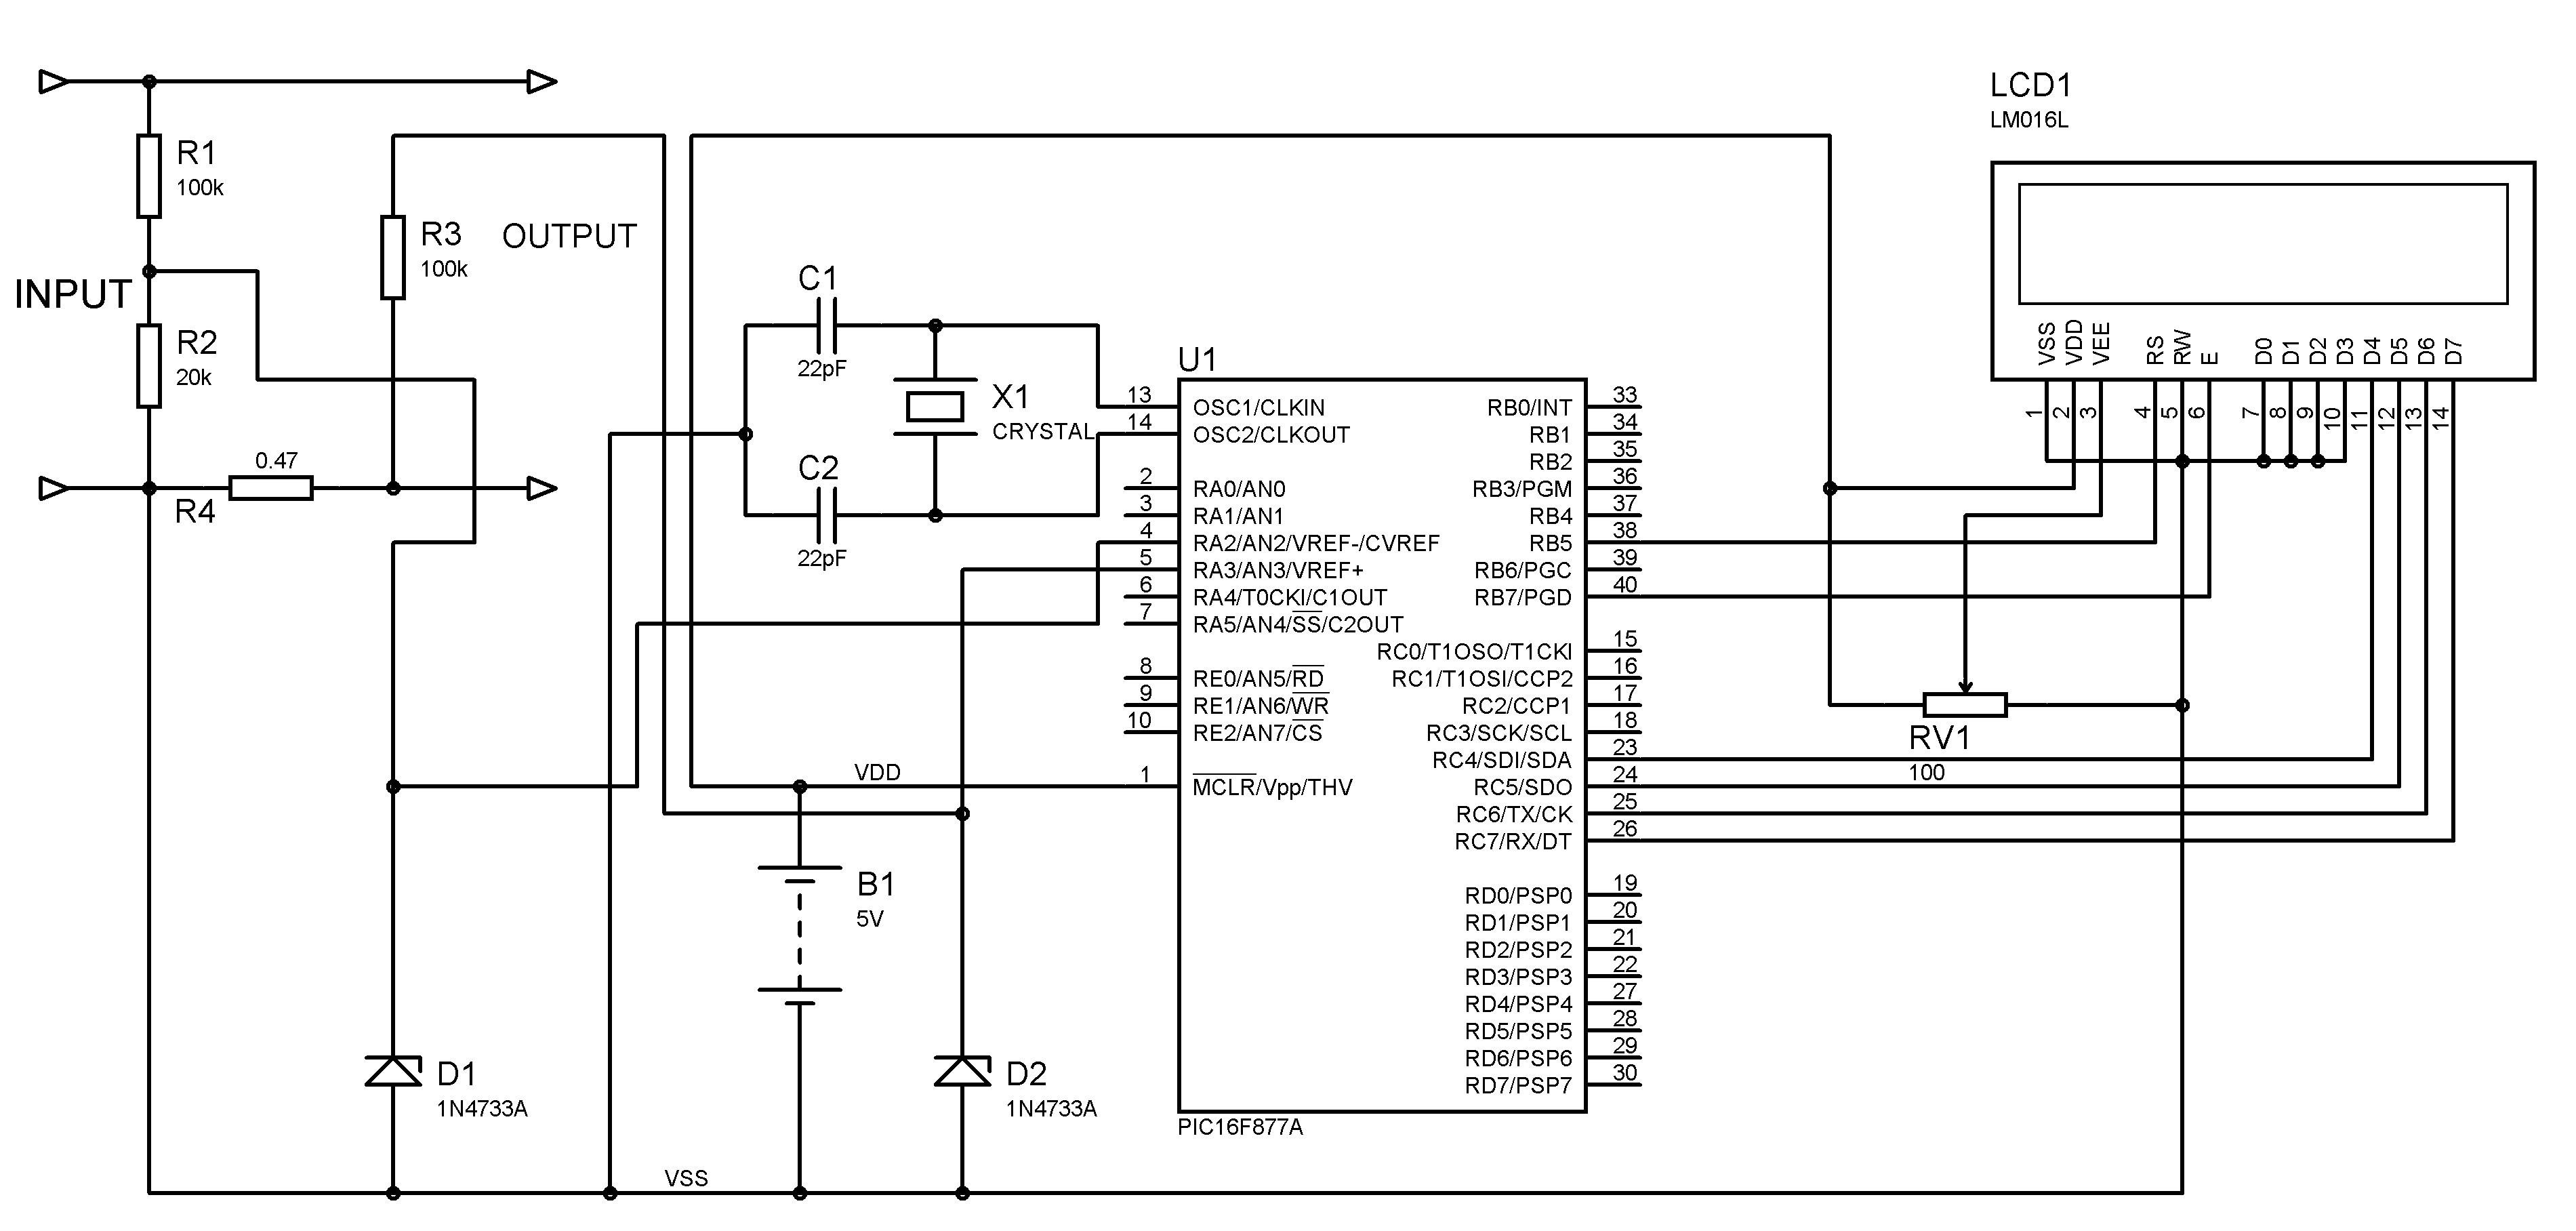 Ac Ammeter Wiring Diagram New Digital Volt Amp Meter Wiring Diagram Best 2 In 1 Dual